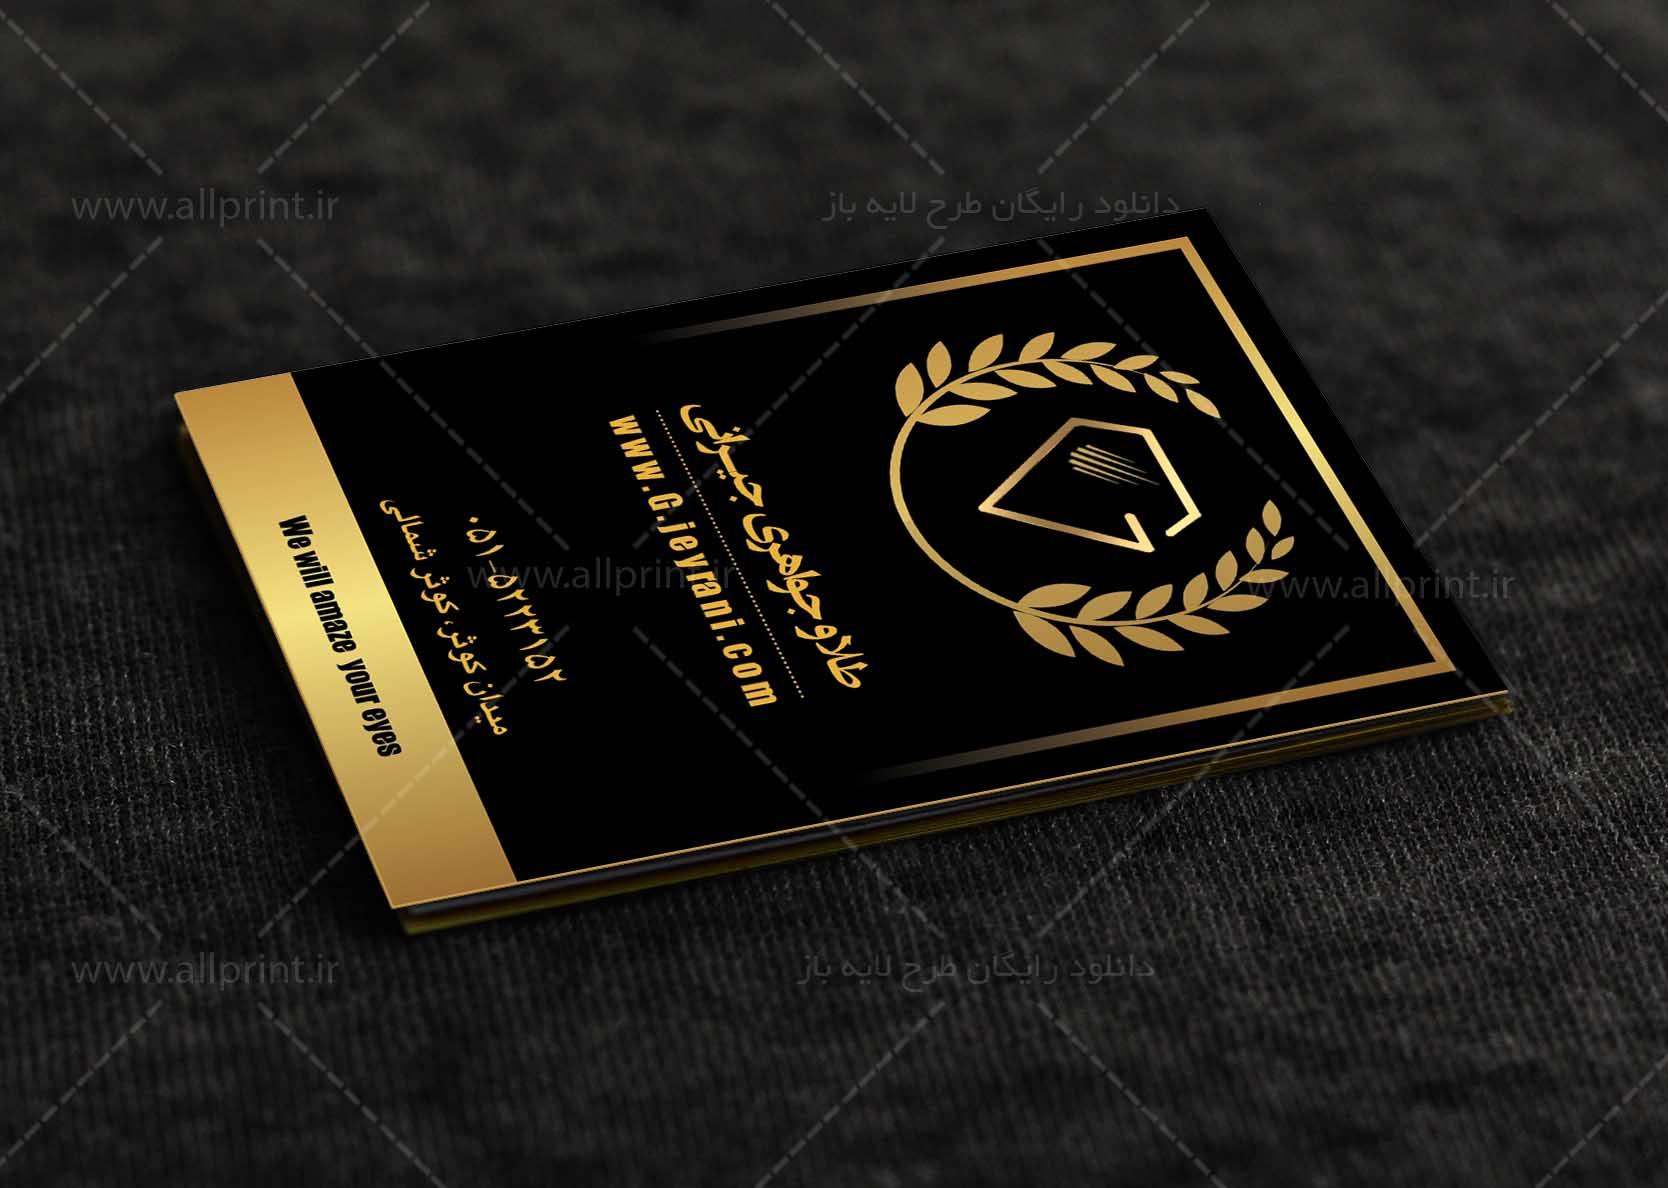 کارت ویزیت لایه باز طلا و جواهری